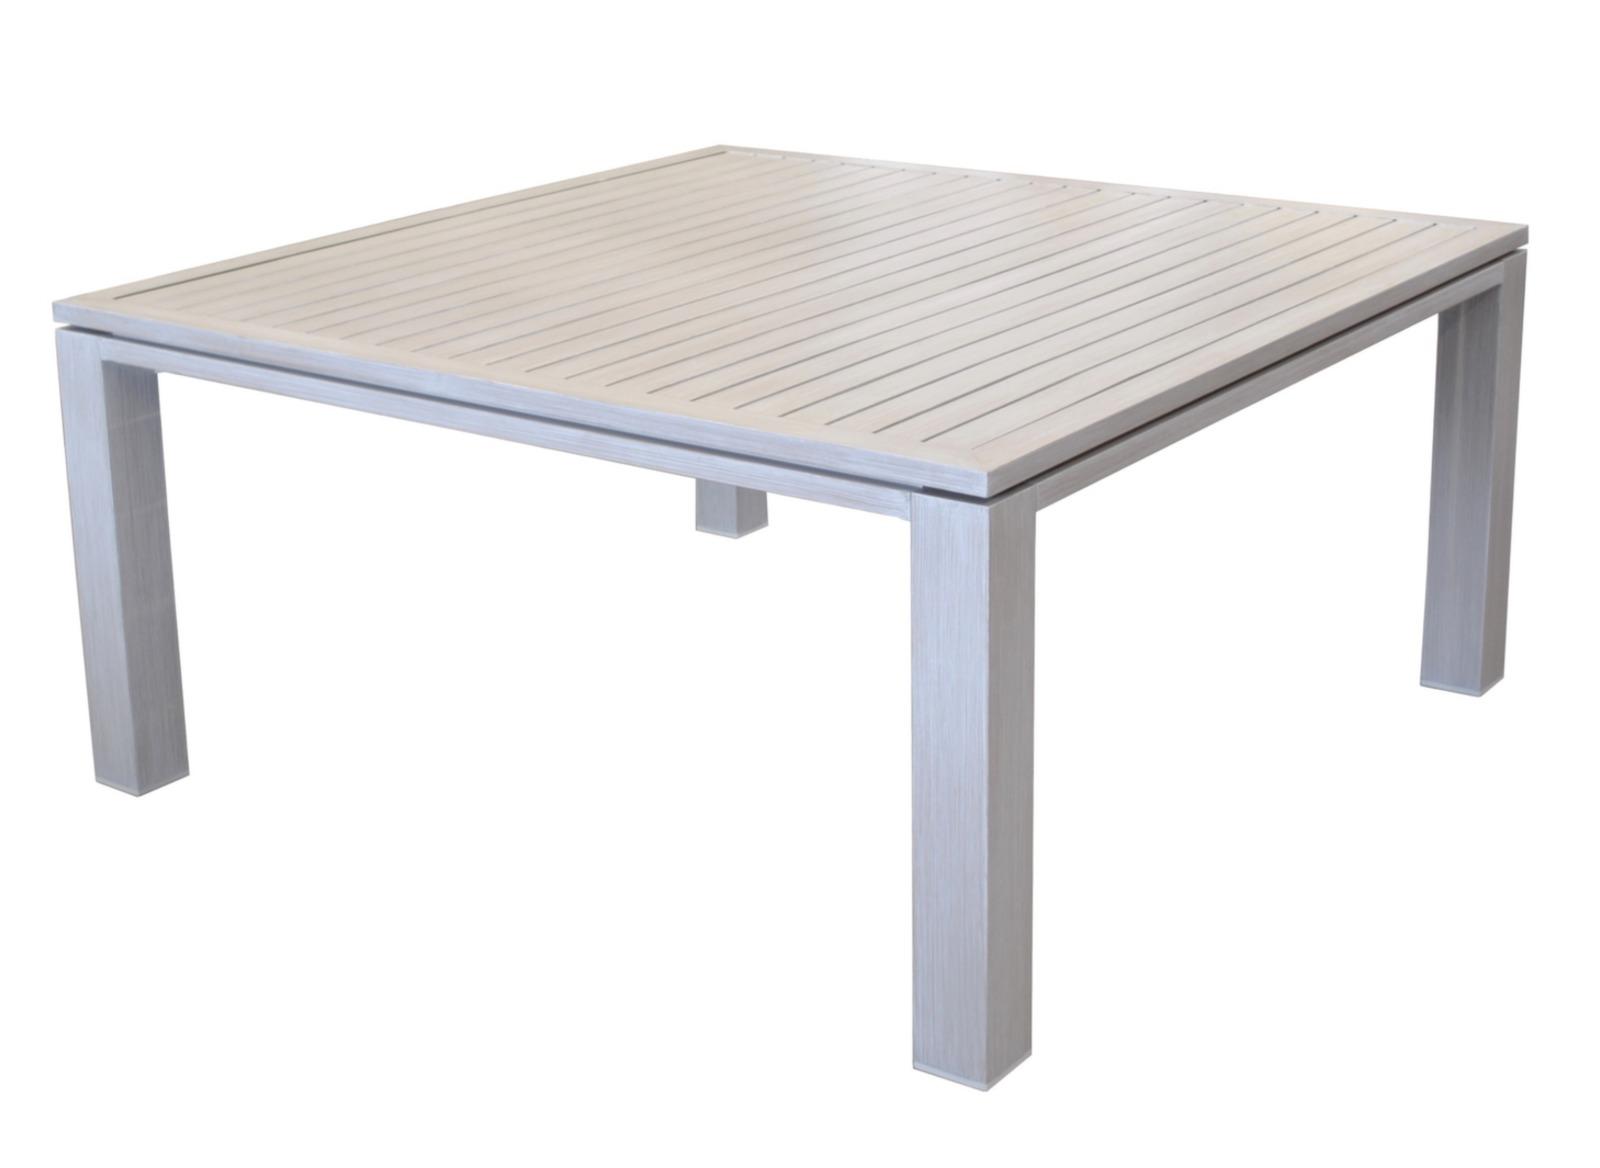 Table de jardin design carr e fiero 160cm proloisirs - Table carree jardin ...